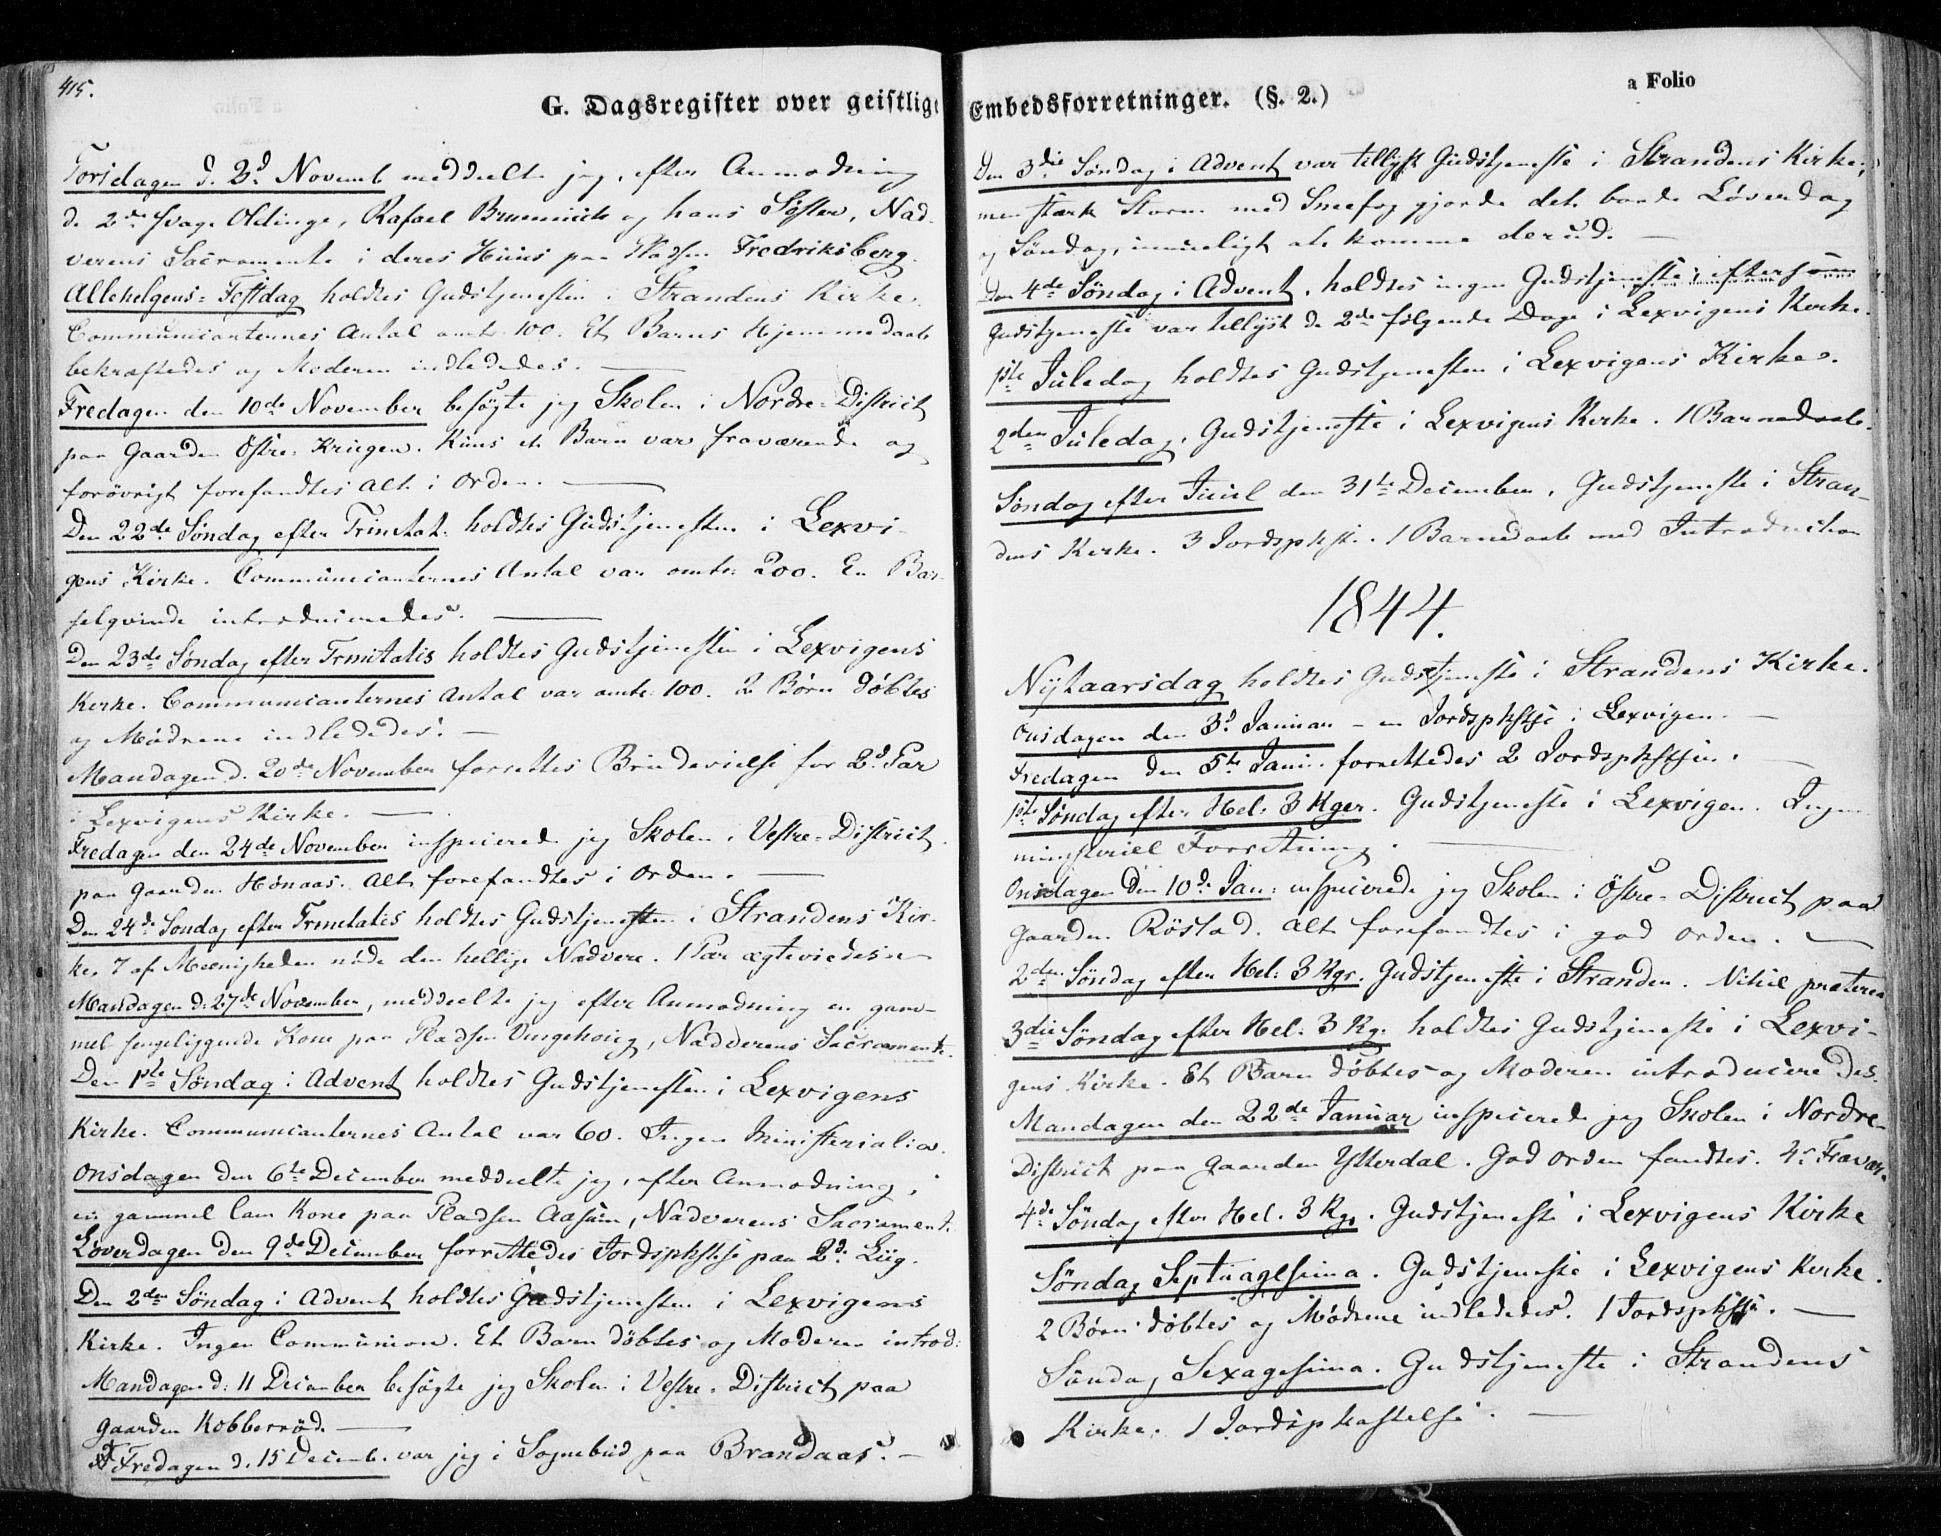 SAT, Ministerialprotokoller, klokkerbøker og fødselsregistre - Nord-Trøndelag, 701/L0007: Ministerialbok nr. 701A07 /1, 1842-1854, s. 415